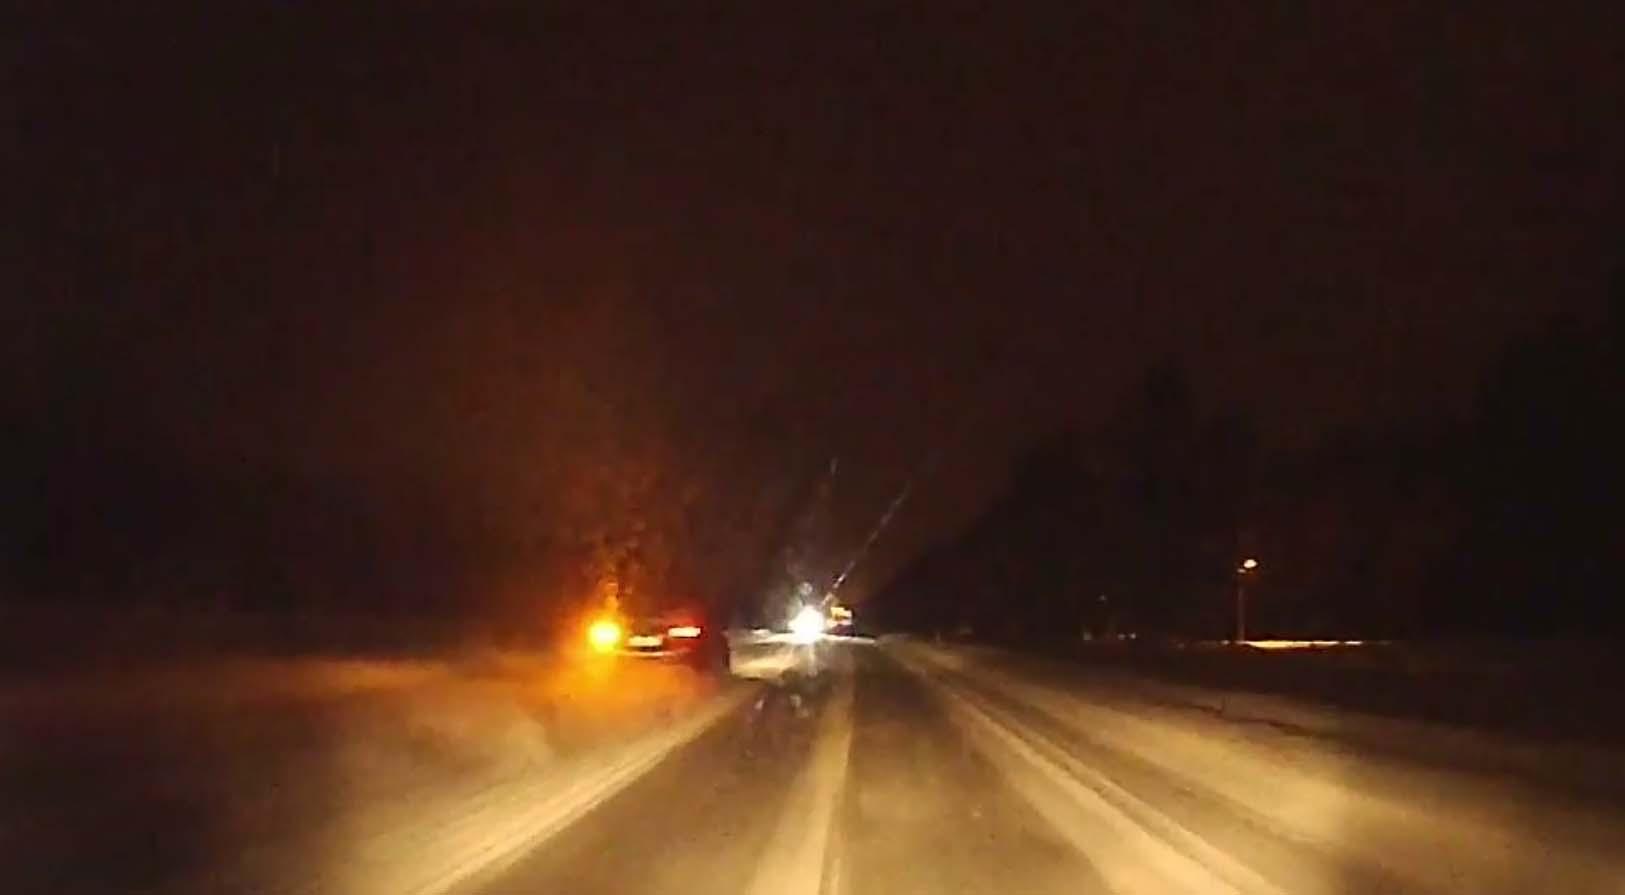 VIDEO: Teine sünnipäev - Tallinnas, Männiku teel toimus napp pääsemine laupkokkupõrkest